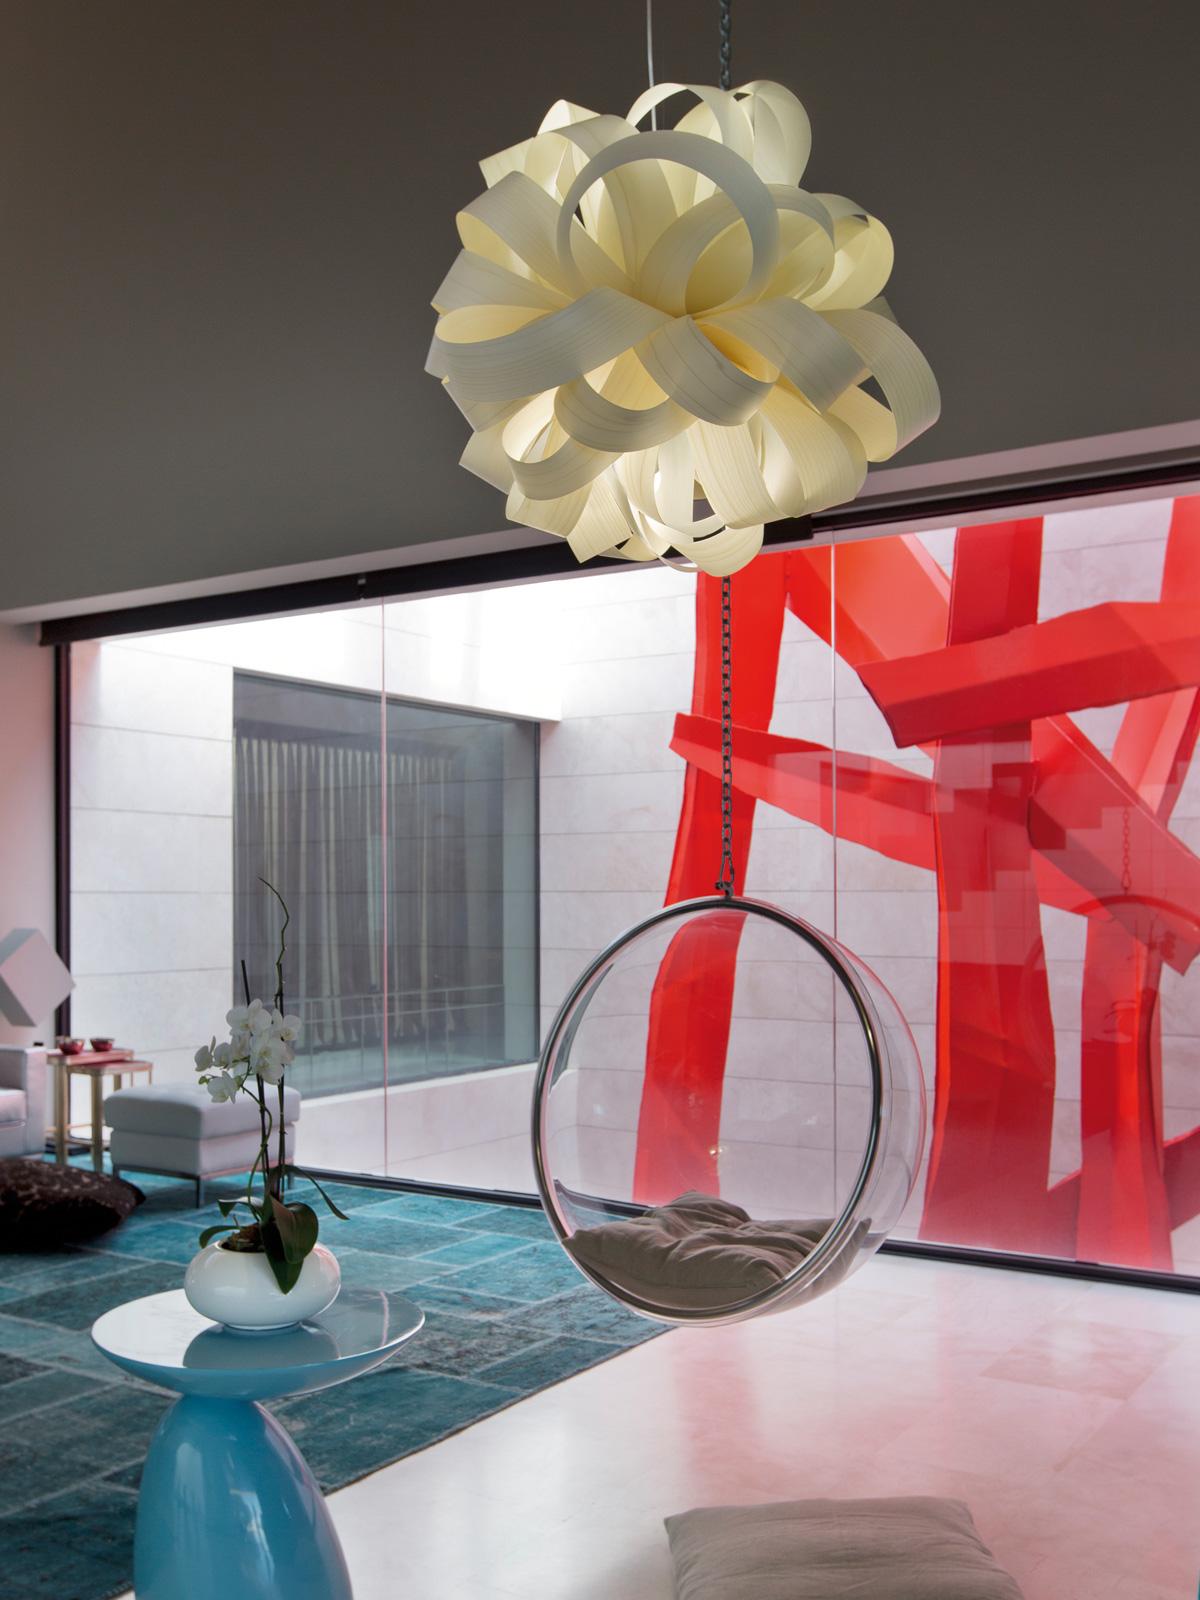 DesignOrt Blog: LZF Lampen Agtha Ball